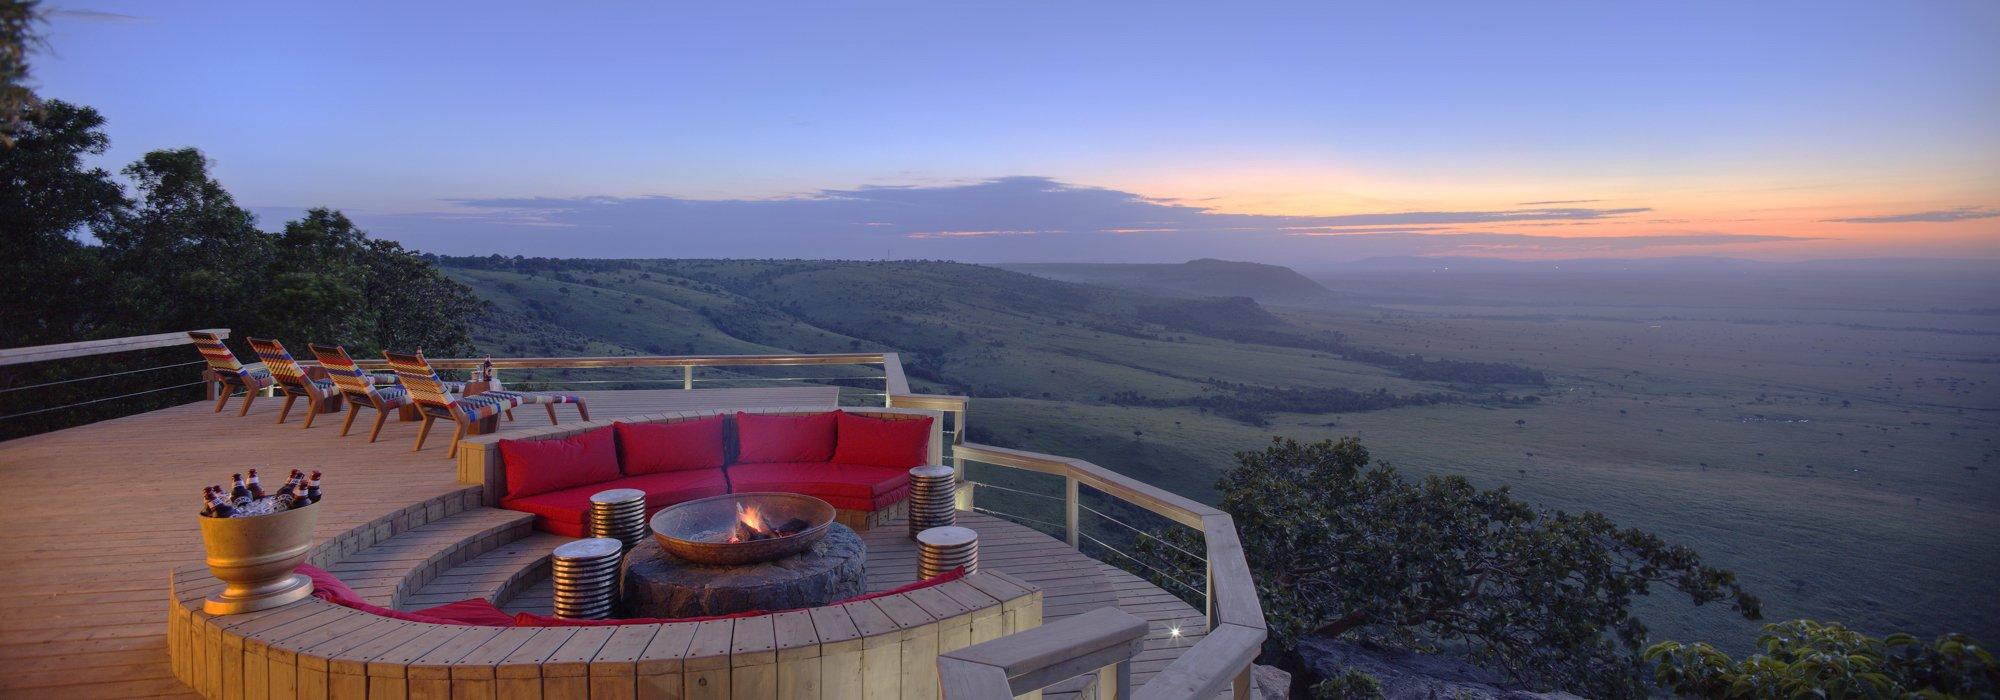 A sunset over the Maasai Mara in Kenya